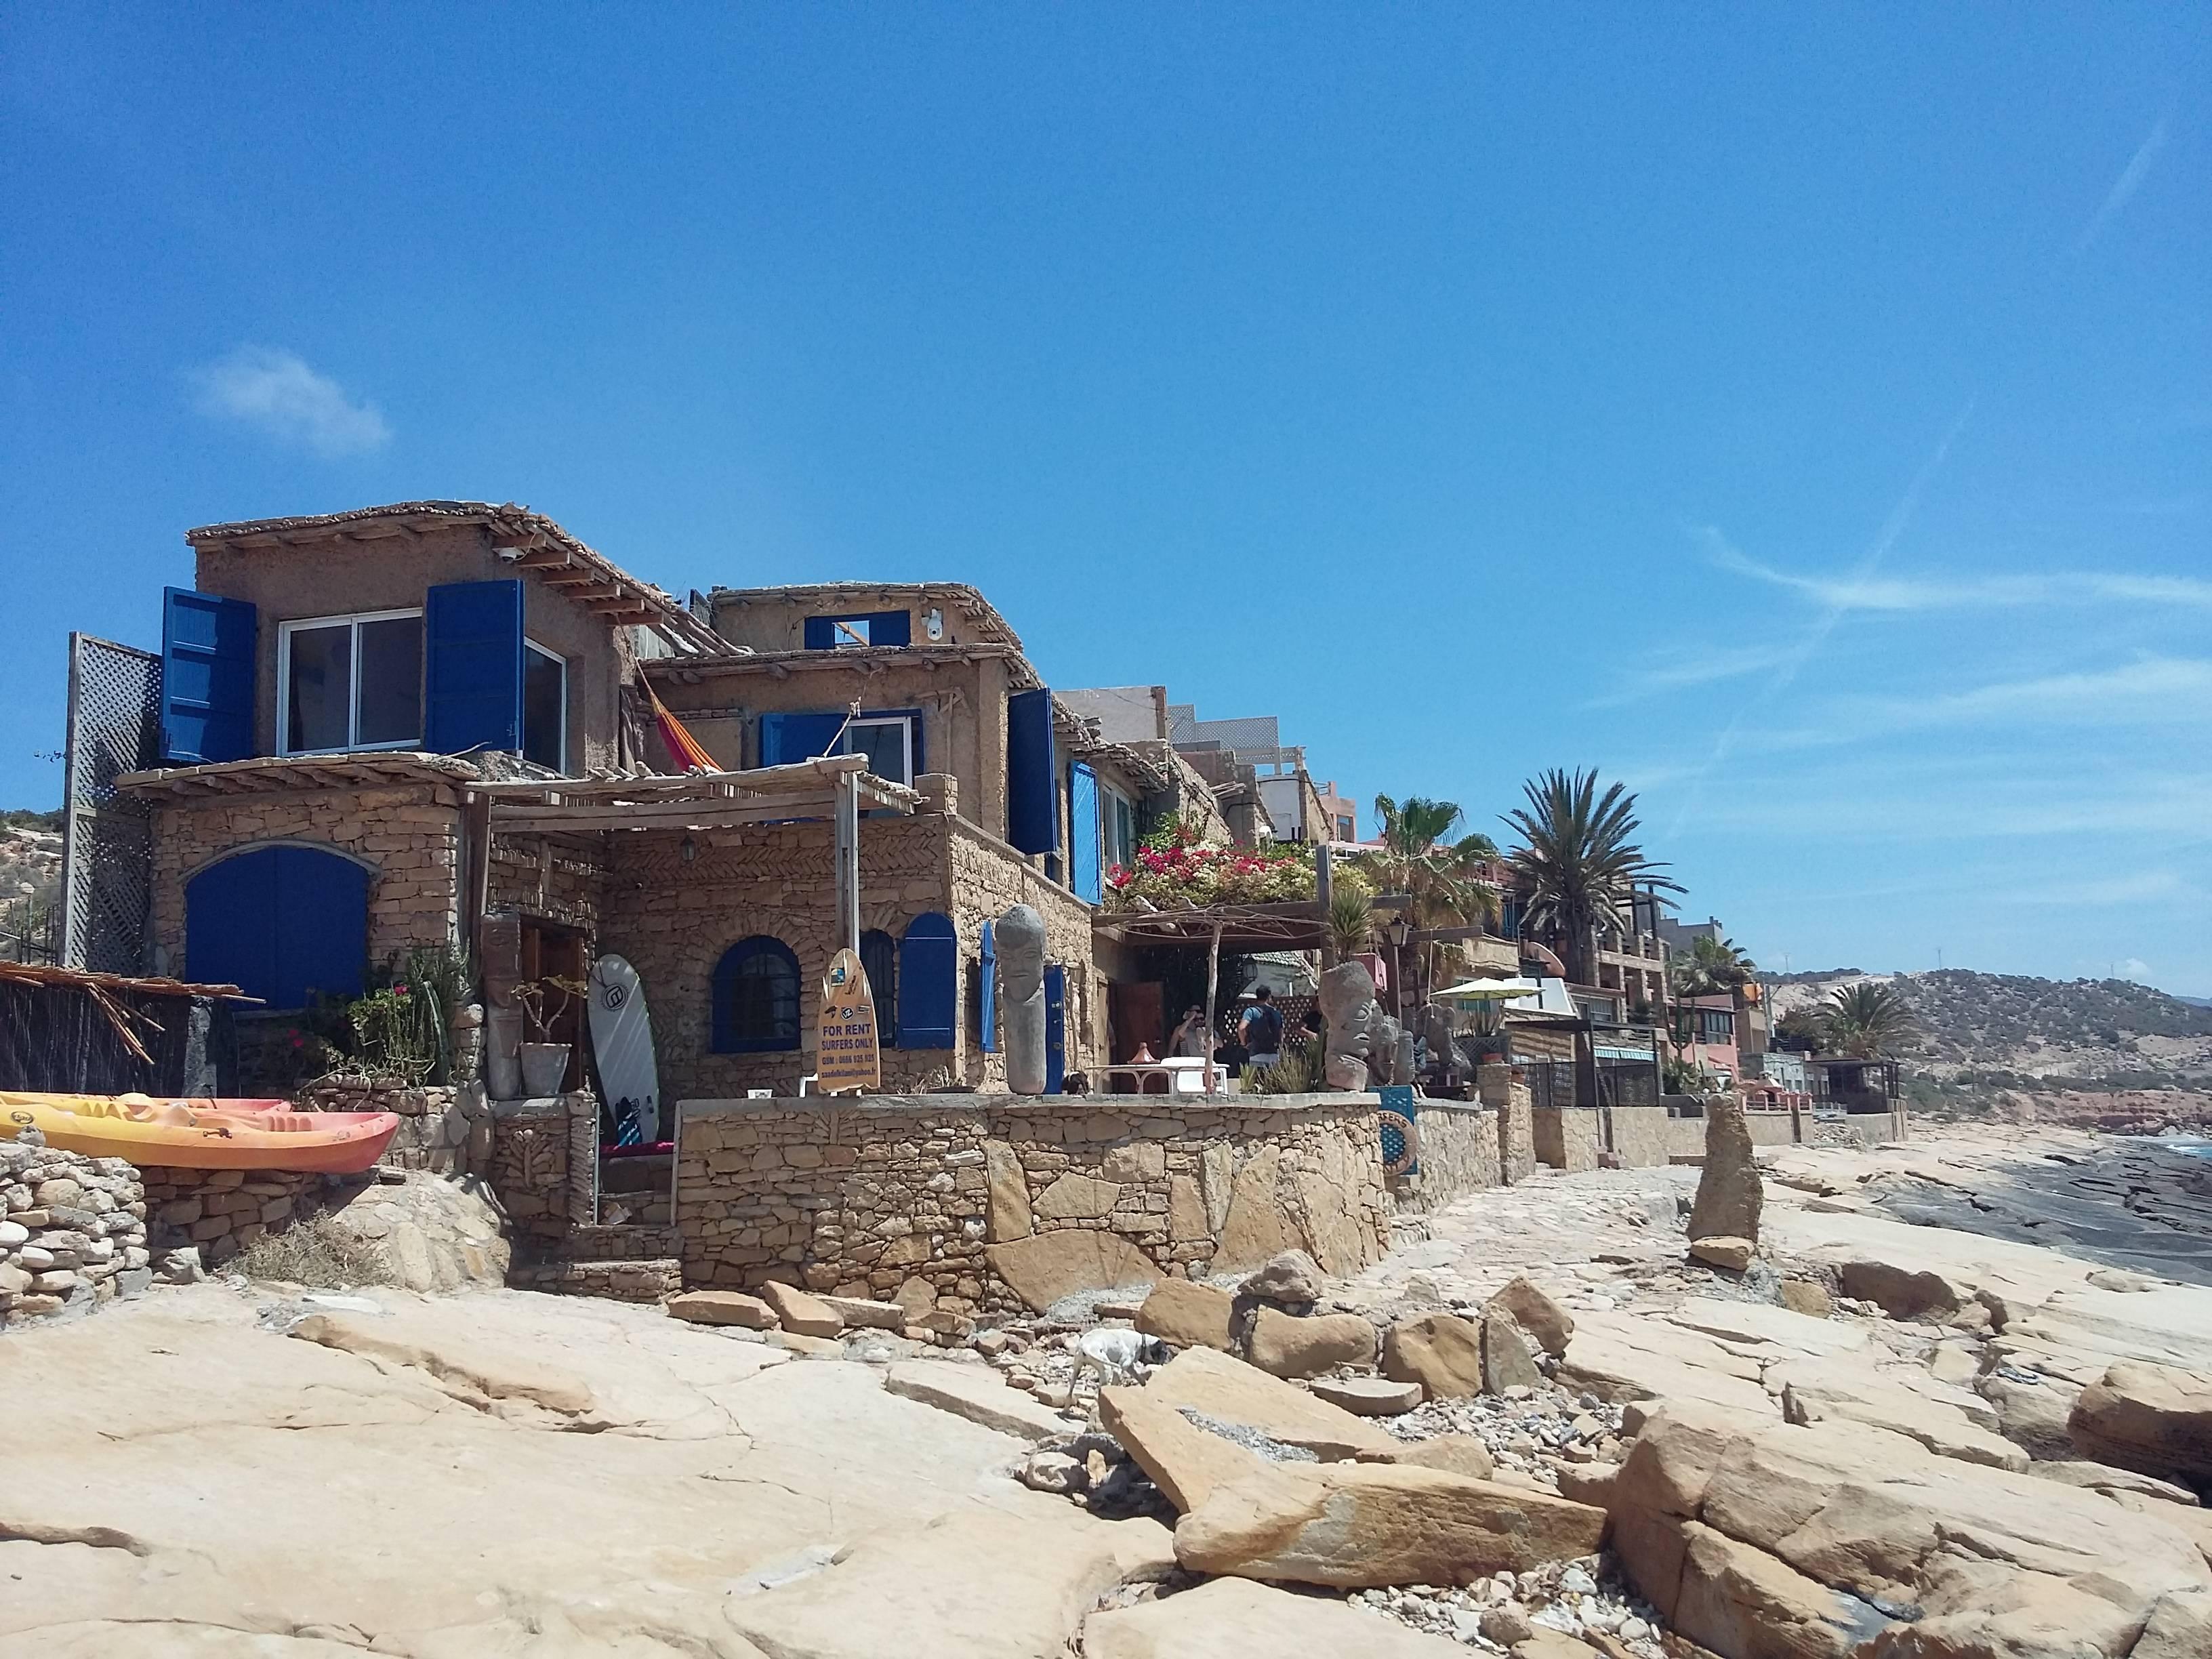 Photo 1: Chez mounia à anchor point. Surf paradise